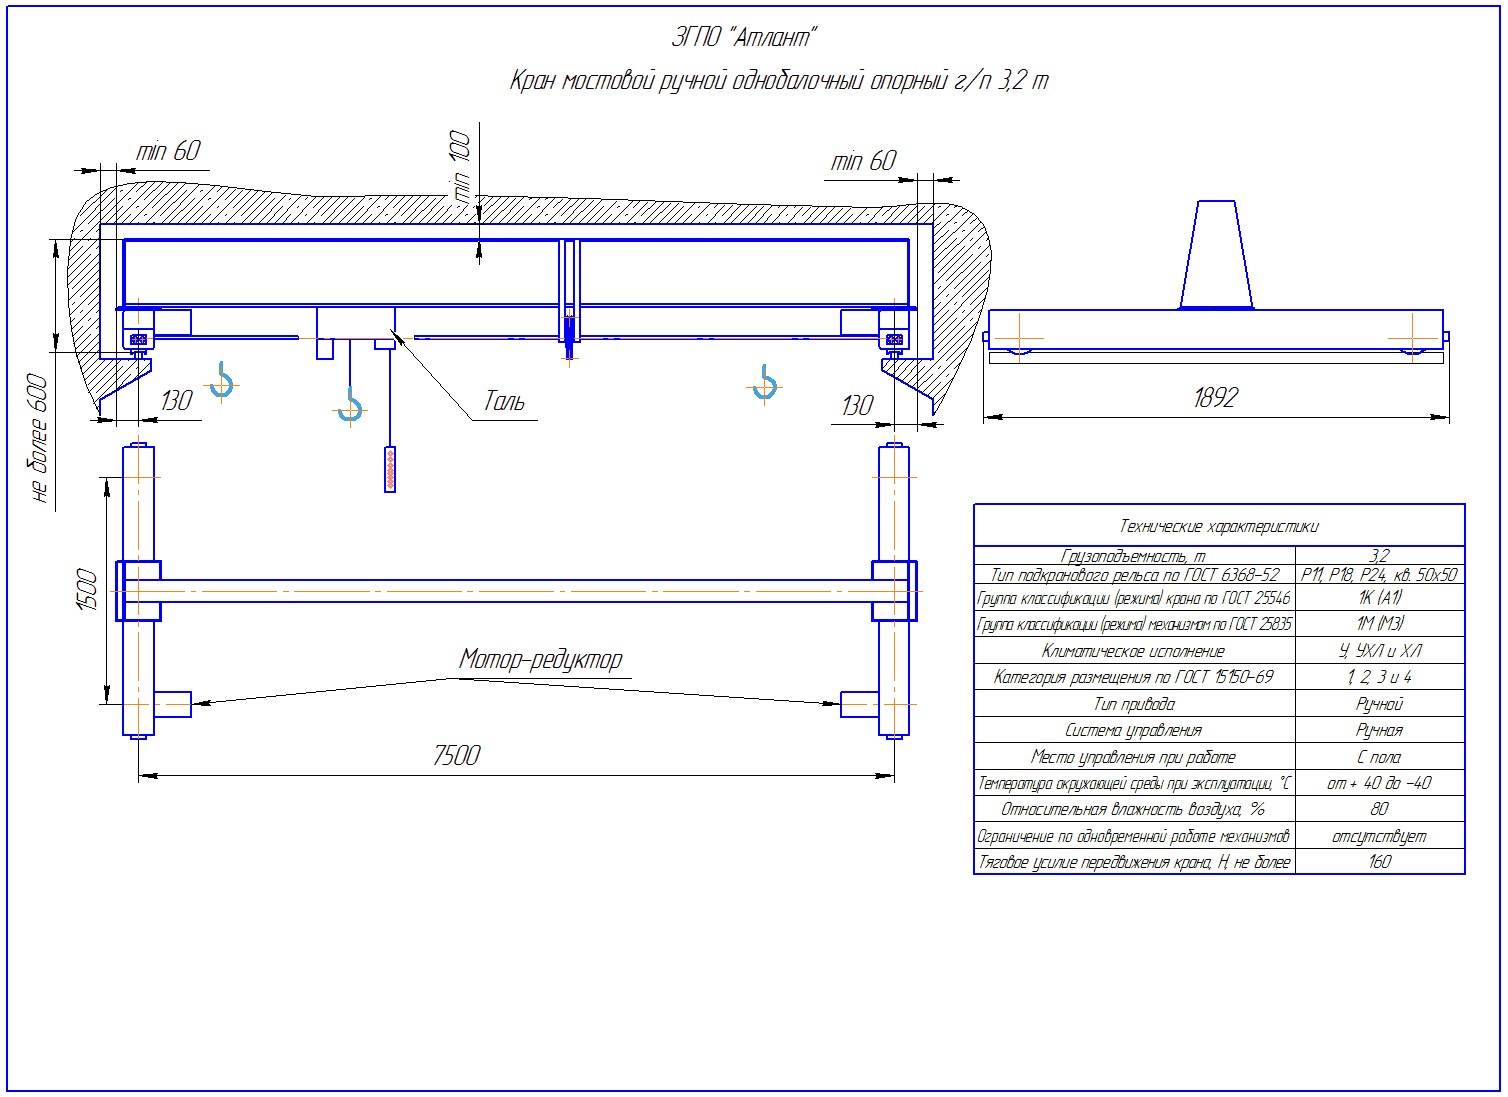 KRMOO 3 75 - Кран ручной мостовой опорный однобалочный